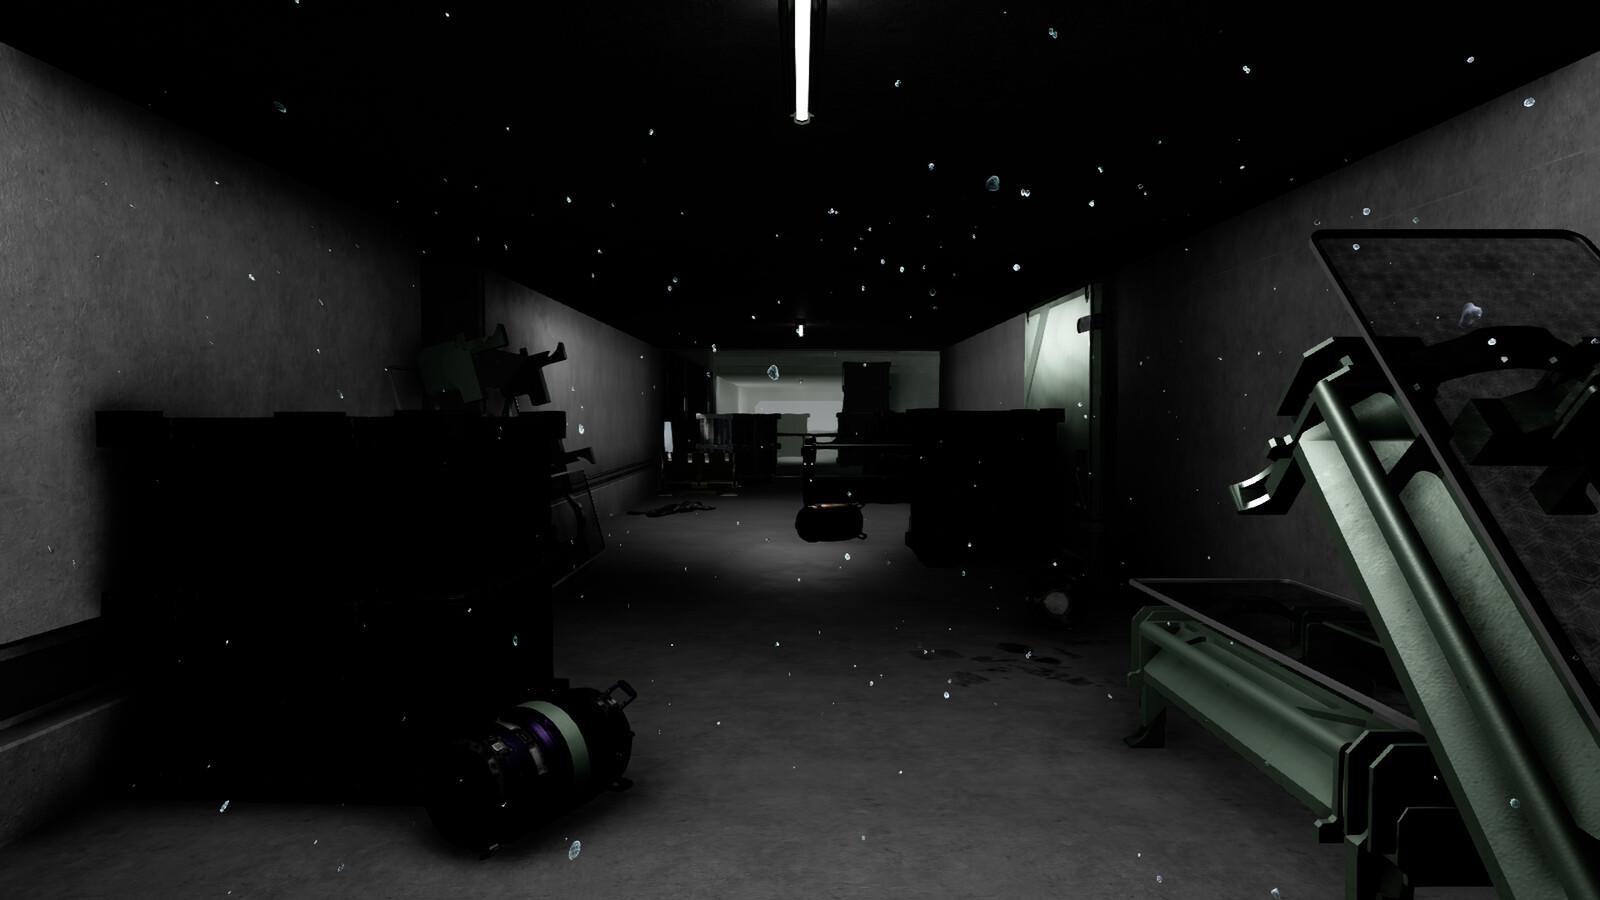 Fifth floor - Corridor